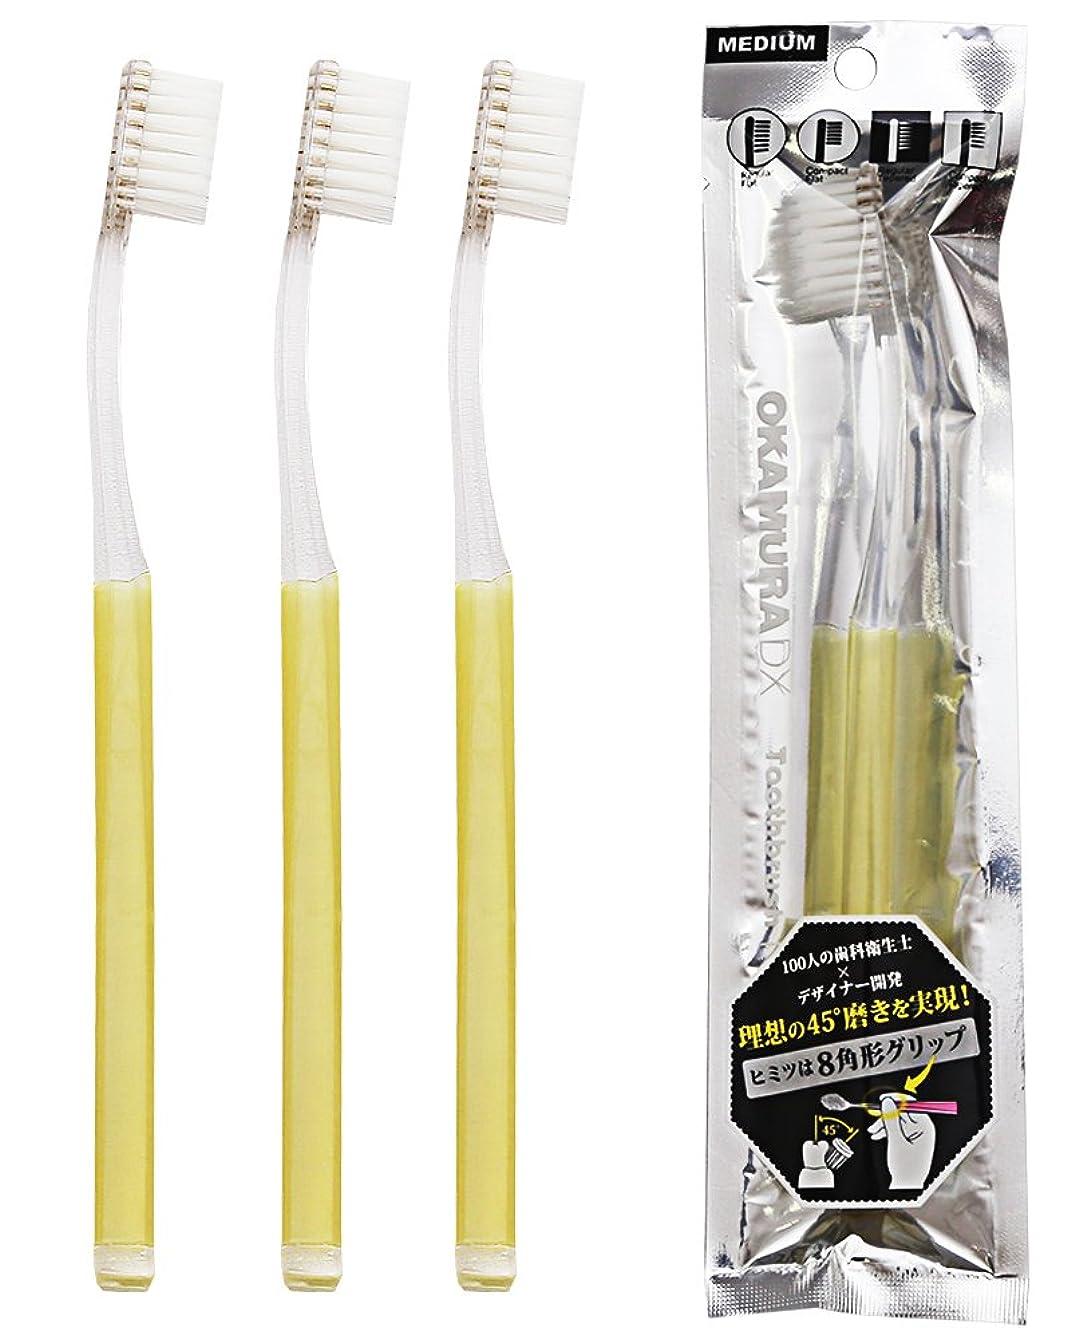 歪める評議会続けるオカムラ(OKAMURA) ラージヘッド 先細 歯ブラシ 3本セット イエロー